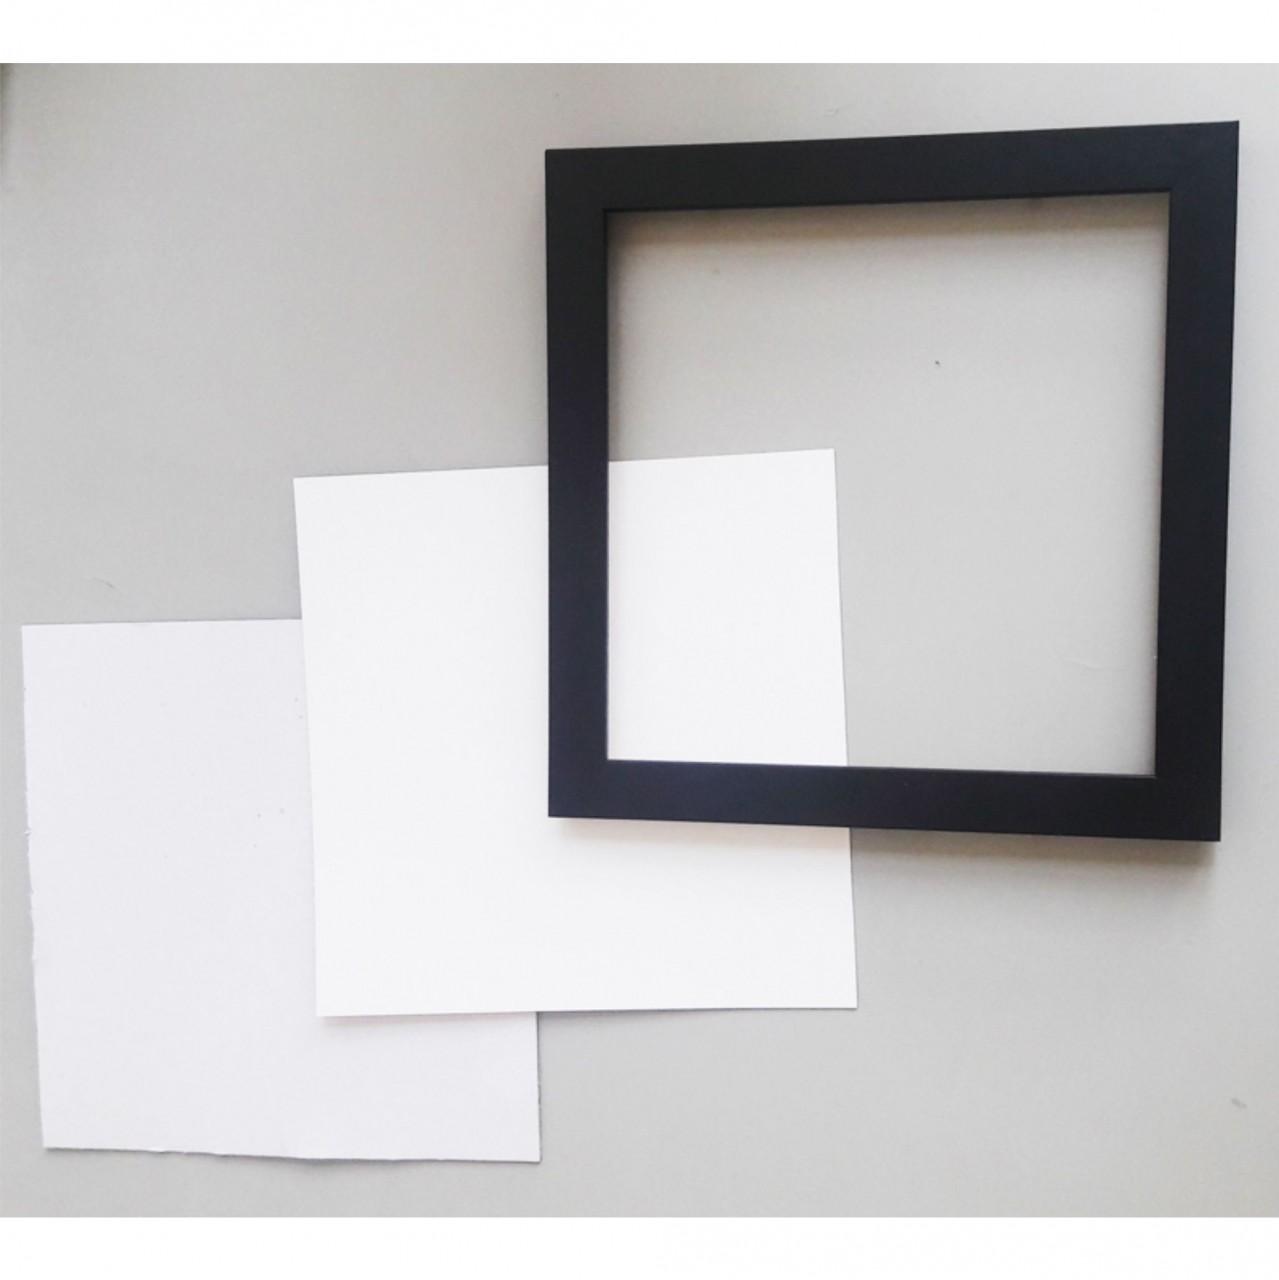 309c26a29 Kit quadro moldura papelão protetor e papel cartão sublimação jpg 1279x1280 Como  fazer molduras para quadros